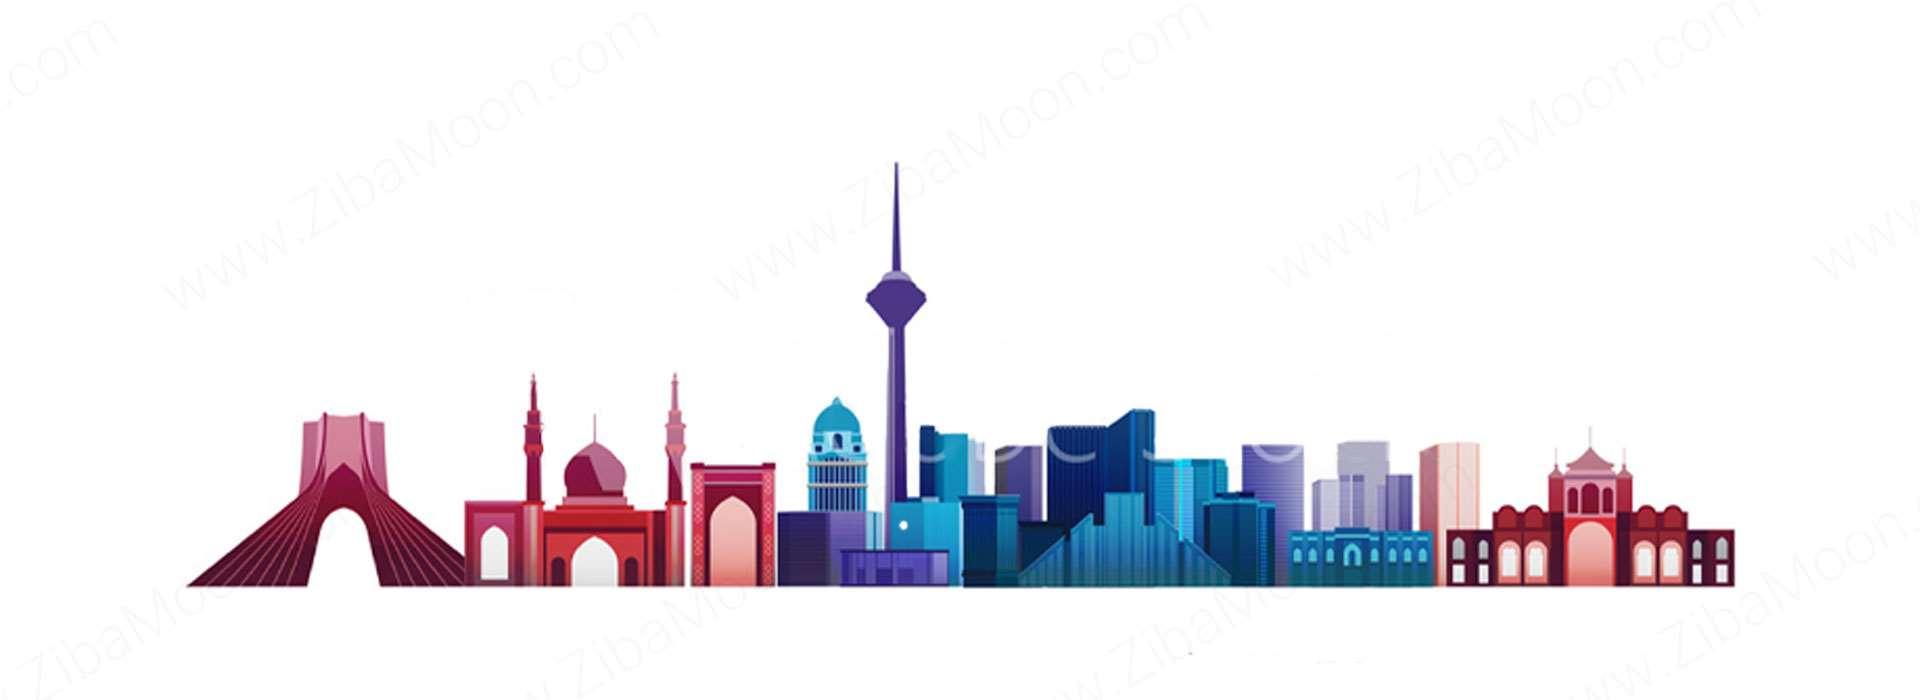 جاهای دیدنی تهران در عید نوروز 1400 | جاذبه های گردشگری تهران